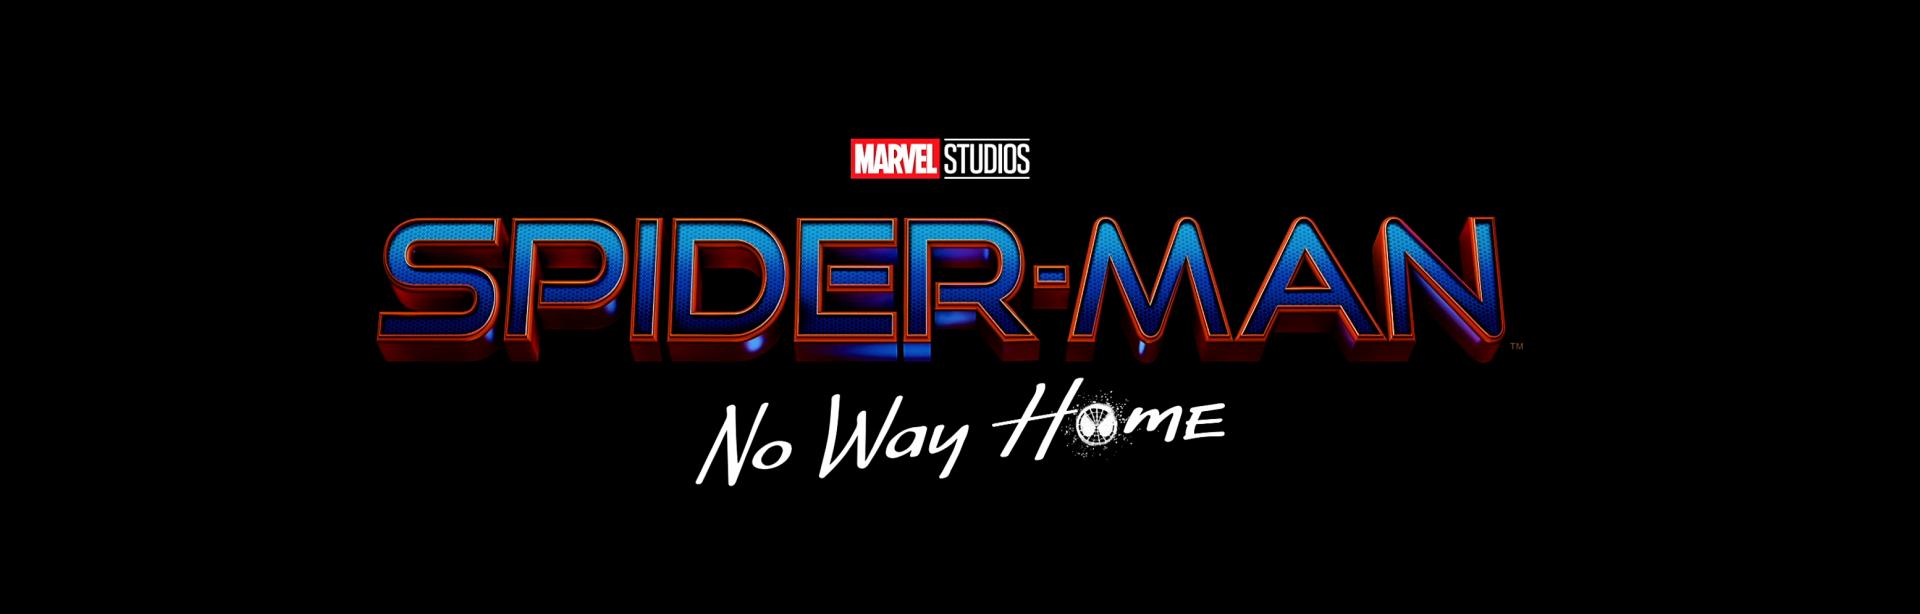 Spider mannowayhome tnews